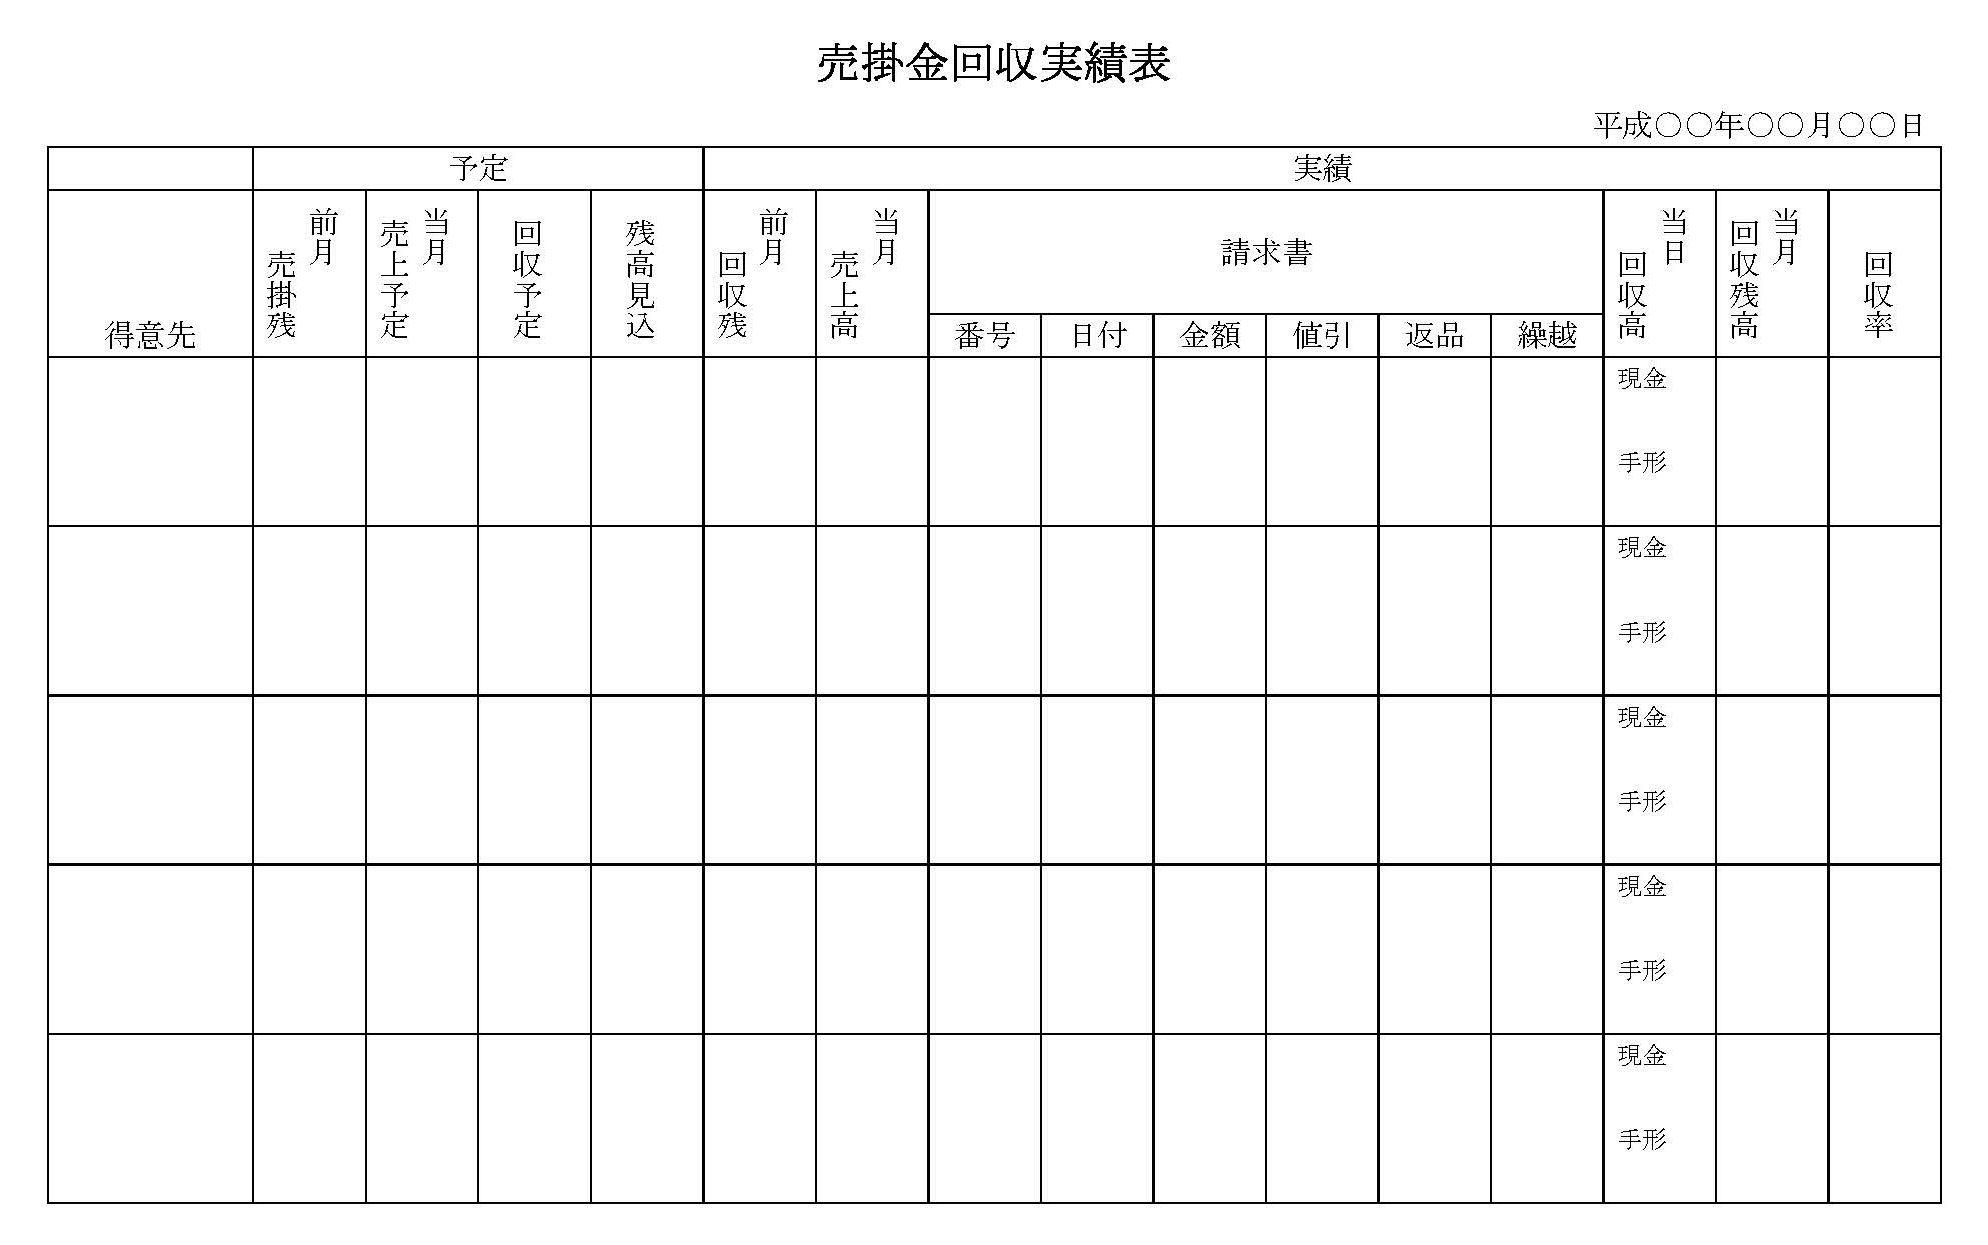 売掛金回収実績表